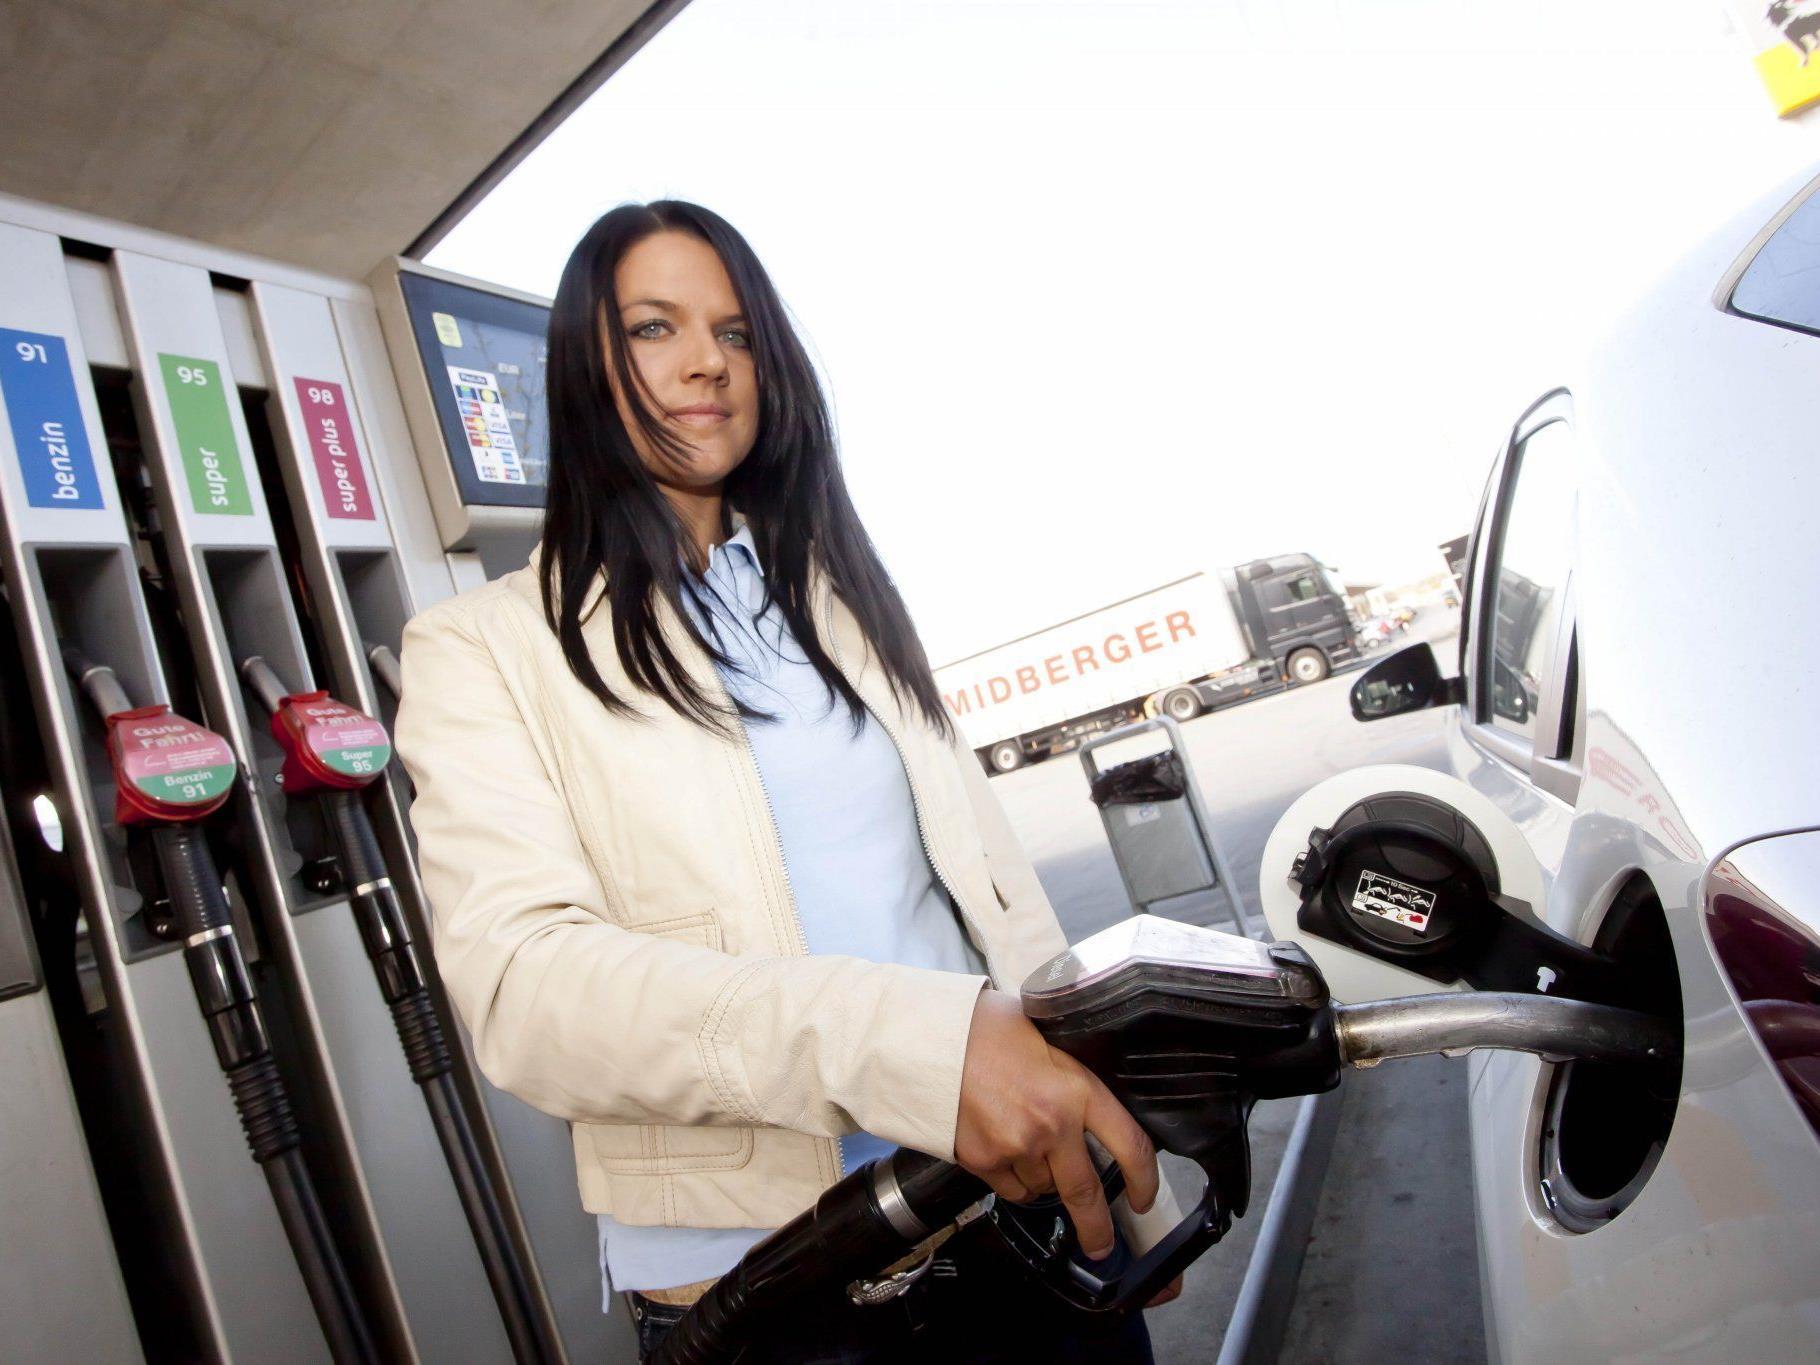 """20 Prozent des Kraftstoffverbrauchs gehen auf das Konto des Fahrers. Bei 15.000 Kilometern im Jahr lassen sich bei einem Mittelklassefahrzeug durch """"richtiges Fahren"""" bis zu 300 Euro sparen."""